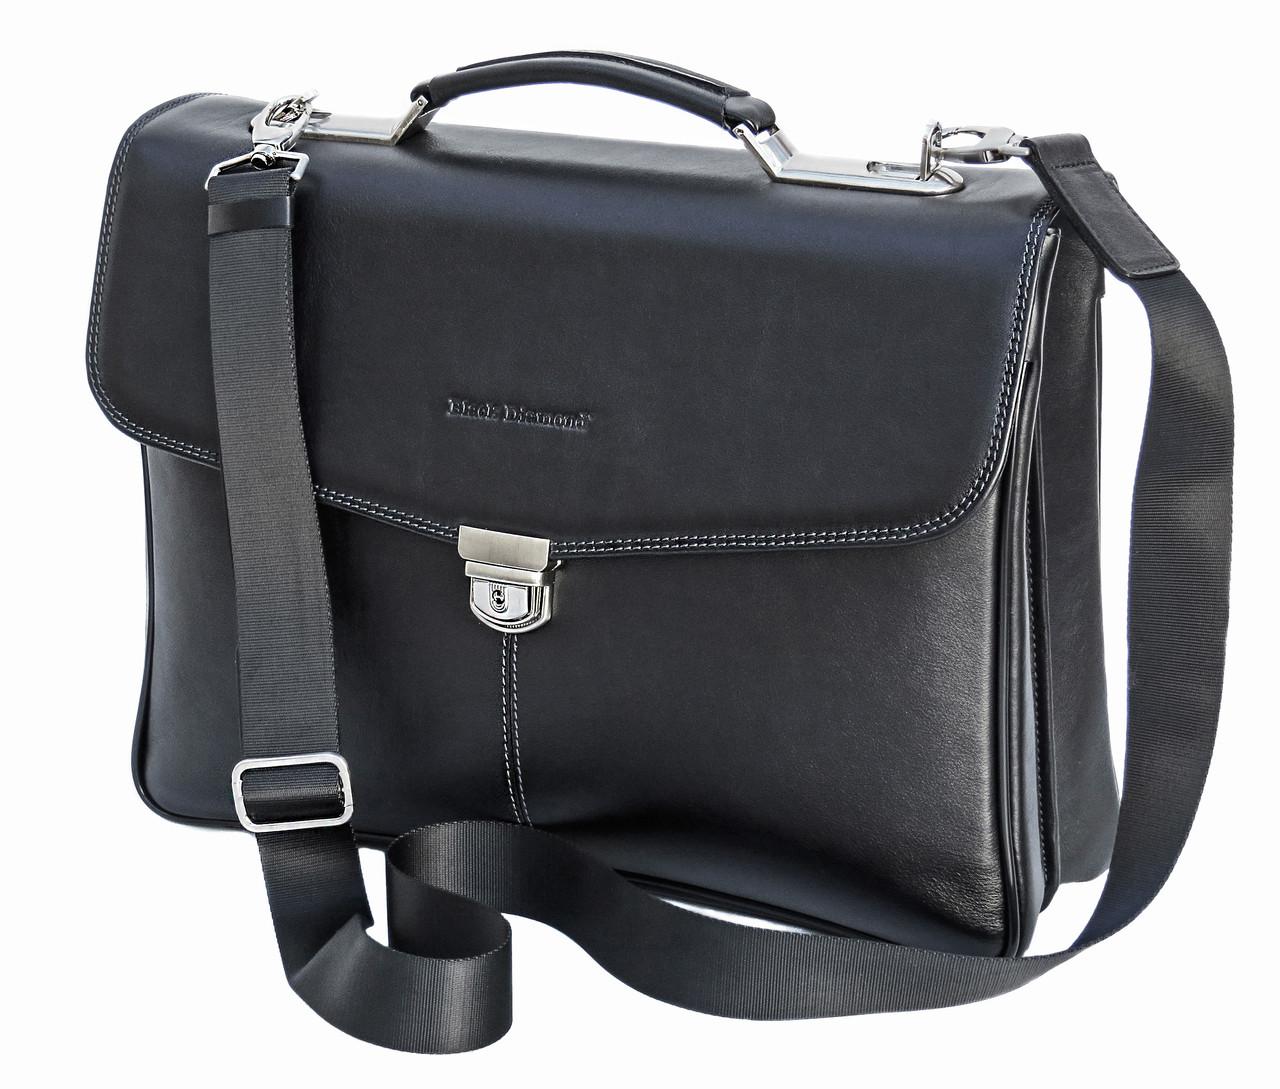 7c19975c15b9 Мужской кожаный портфель Black Diamond BD21A - Интернет-магазин сумок